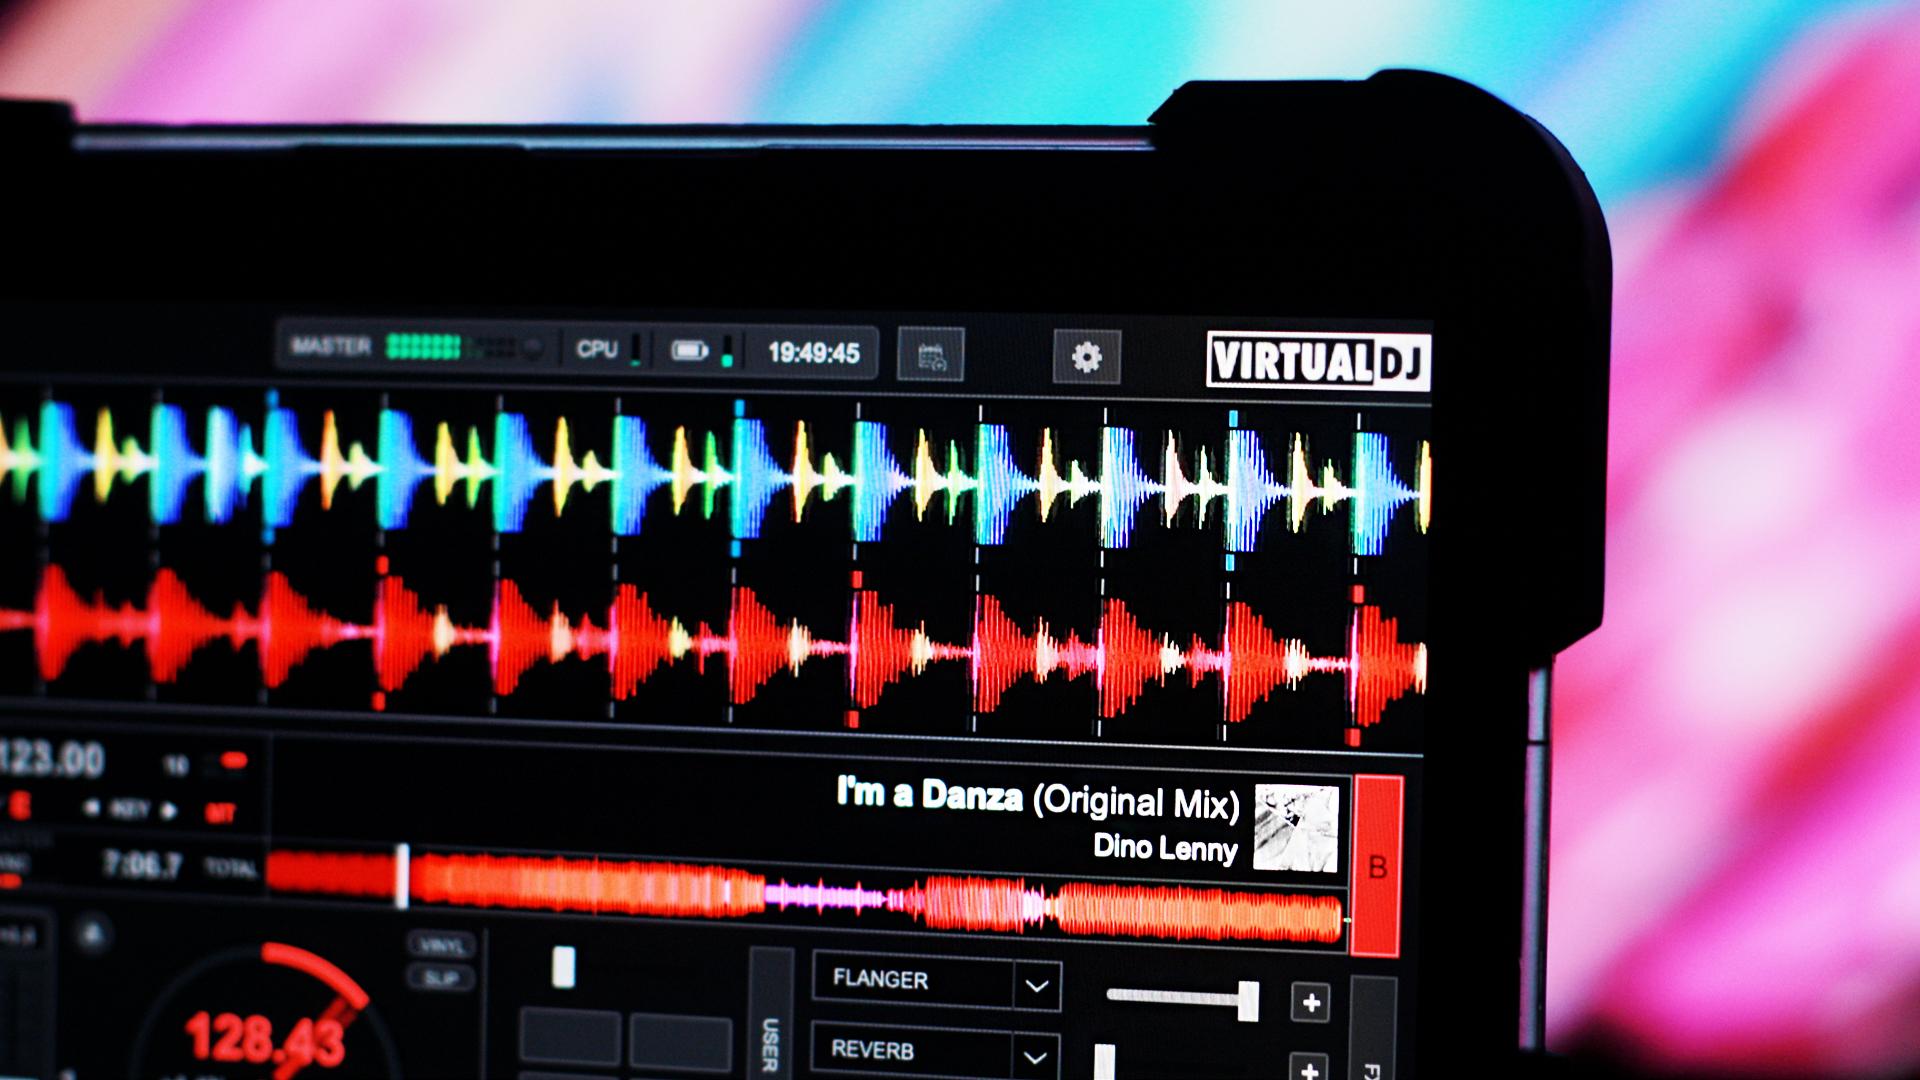 First Look Virtual Dj 2020 The Best Virtual Dj Yet Digital Dj Tips